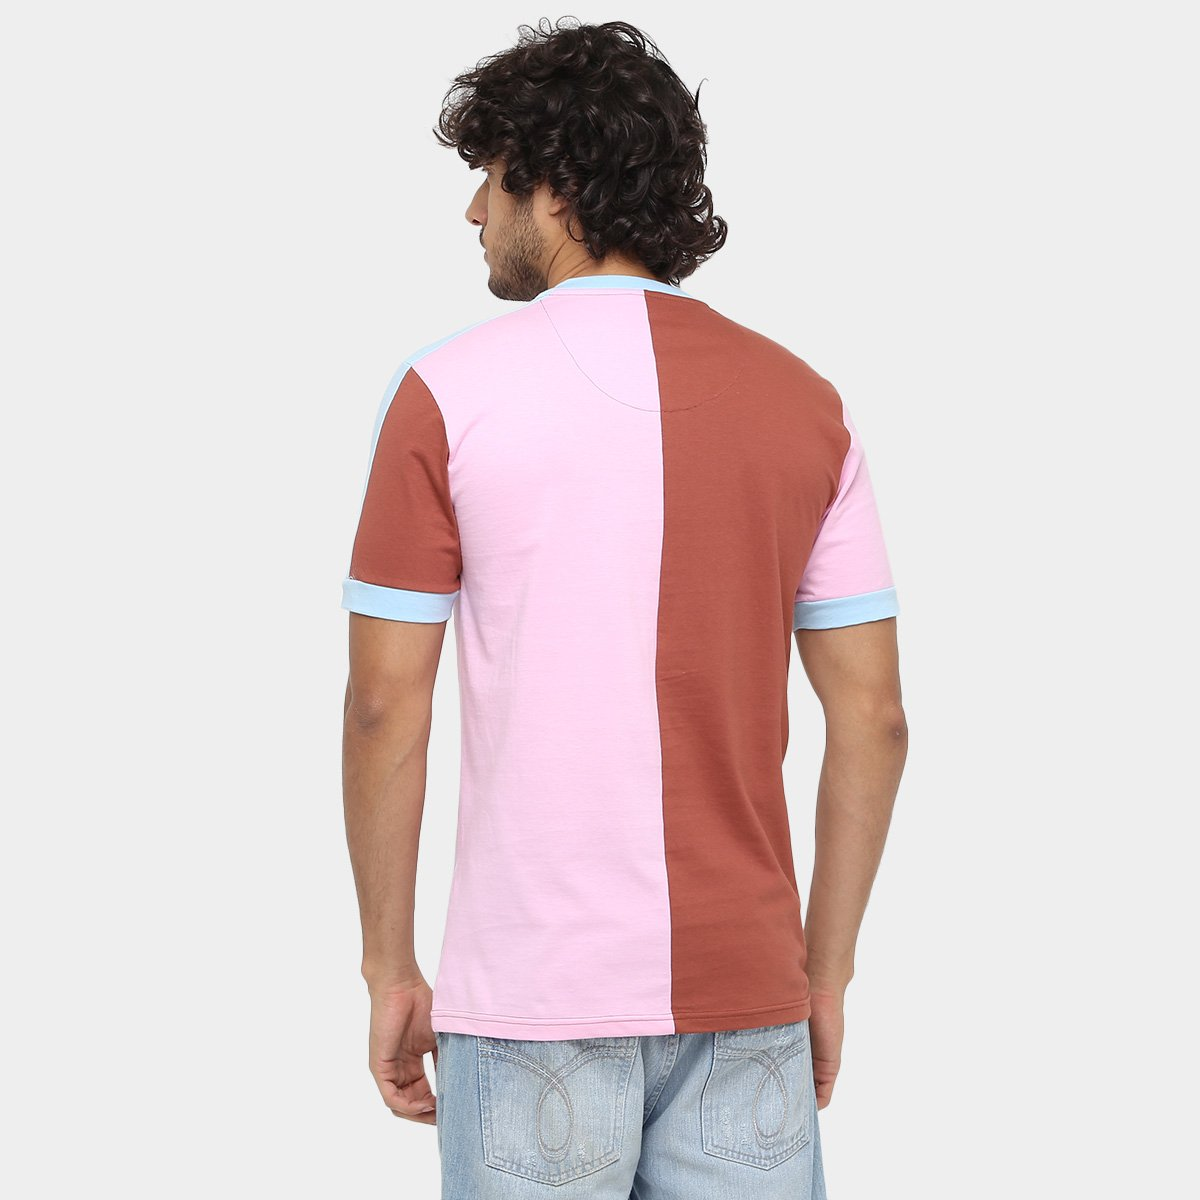 Camisa Retrô Corinthian-Casuals 39 Masculina - Rosa e Marrom ... 994470108183c